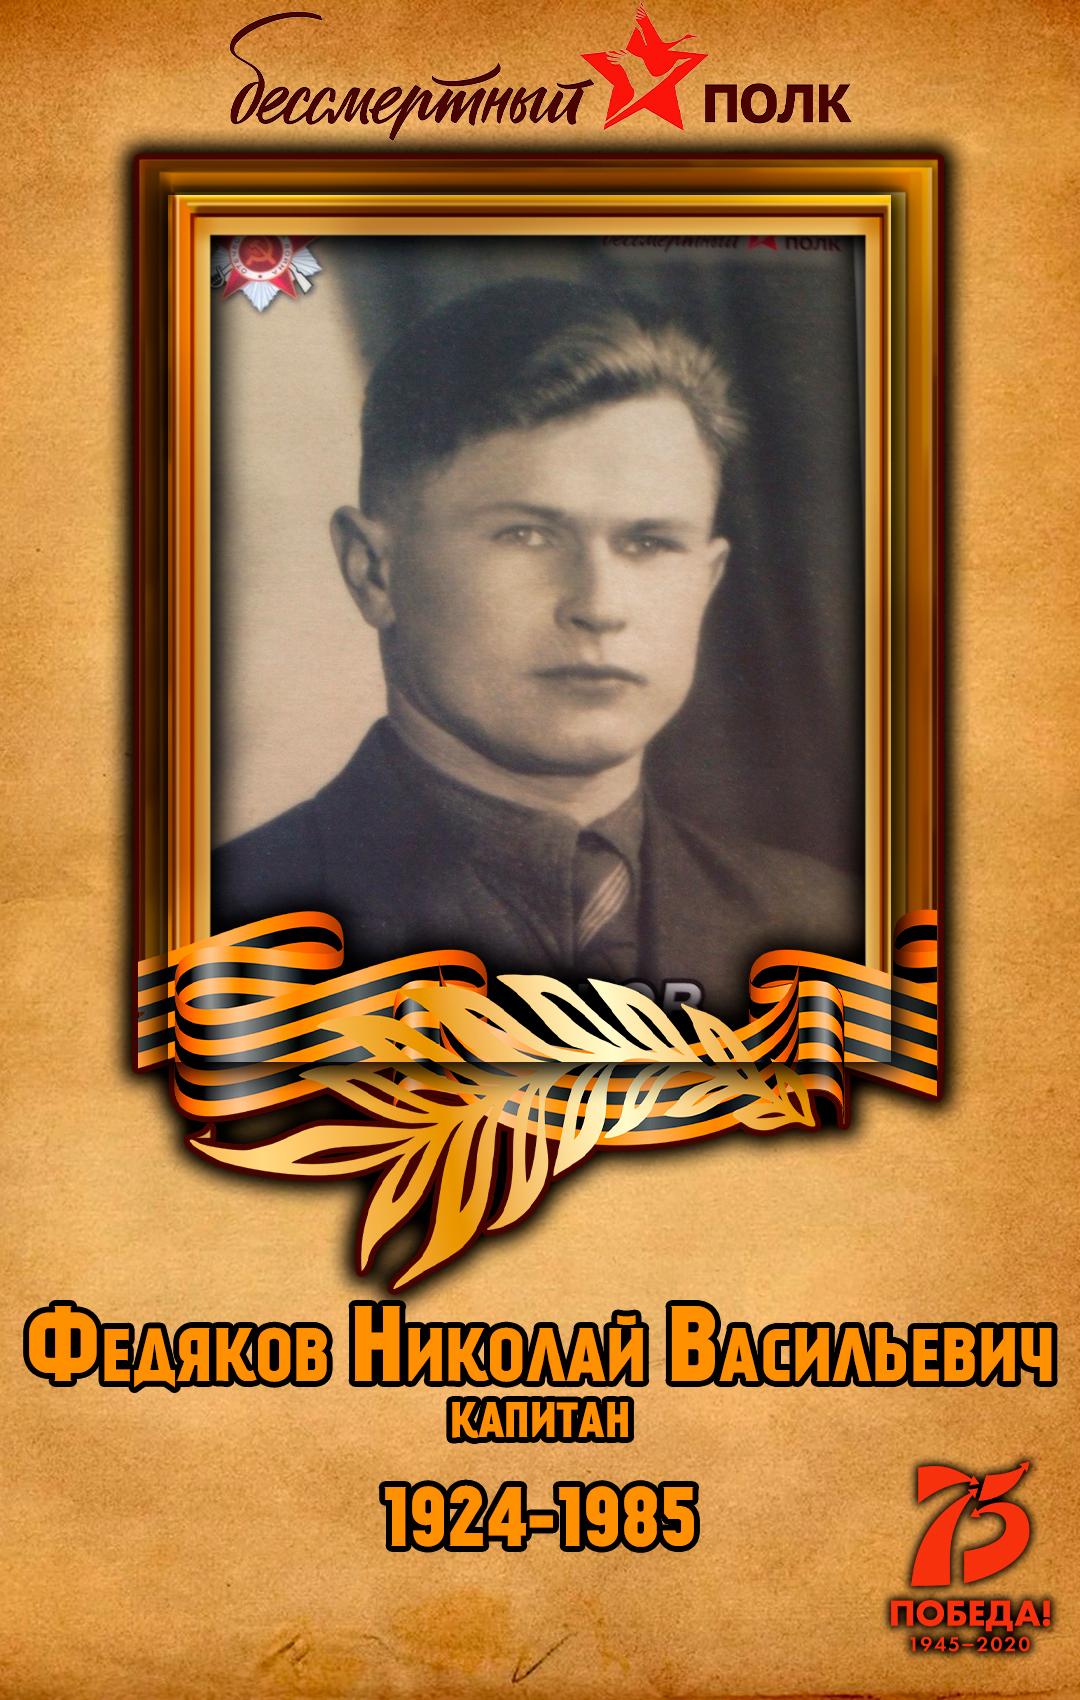 Федяков-Николай-Васильевич